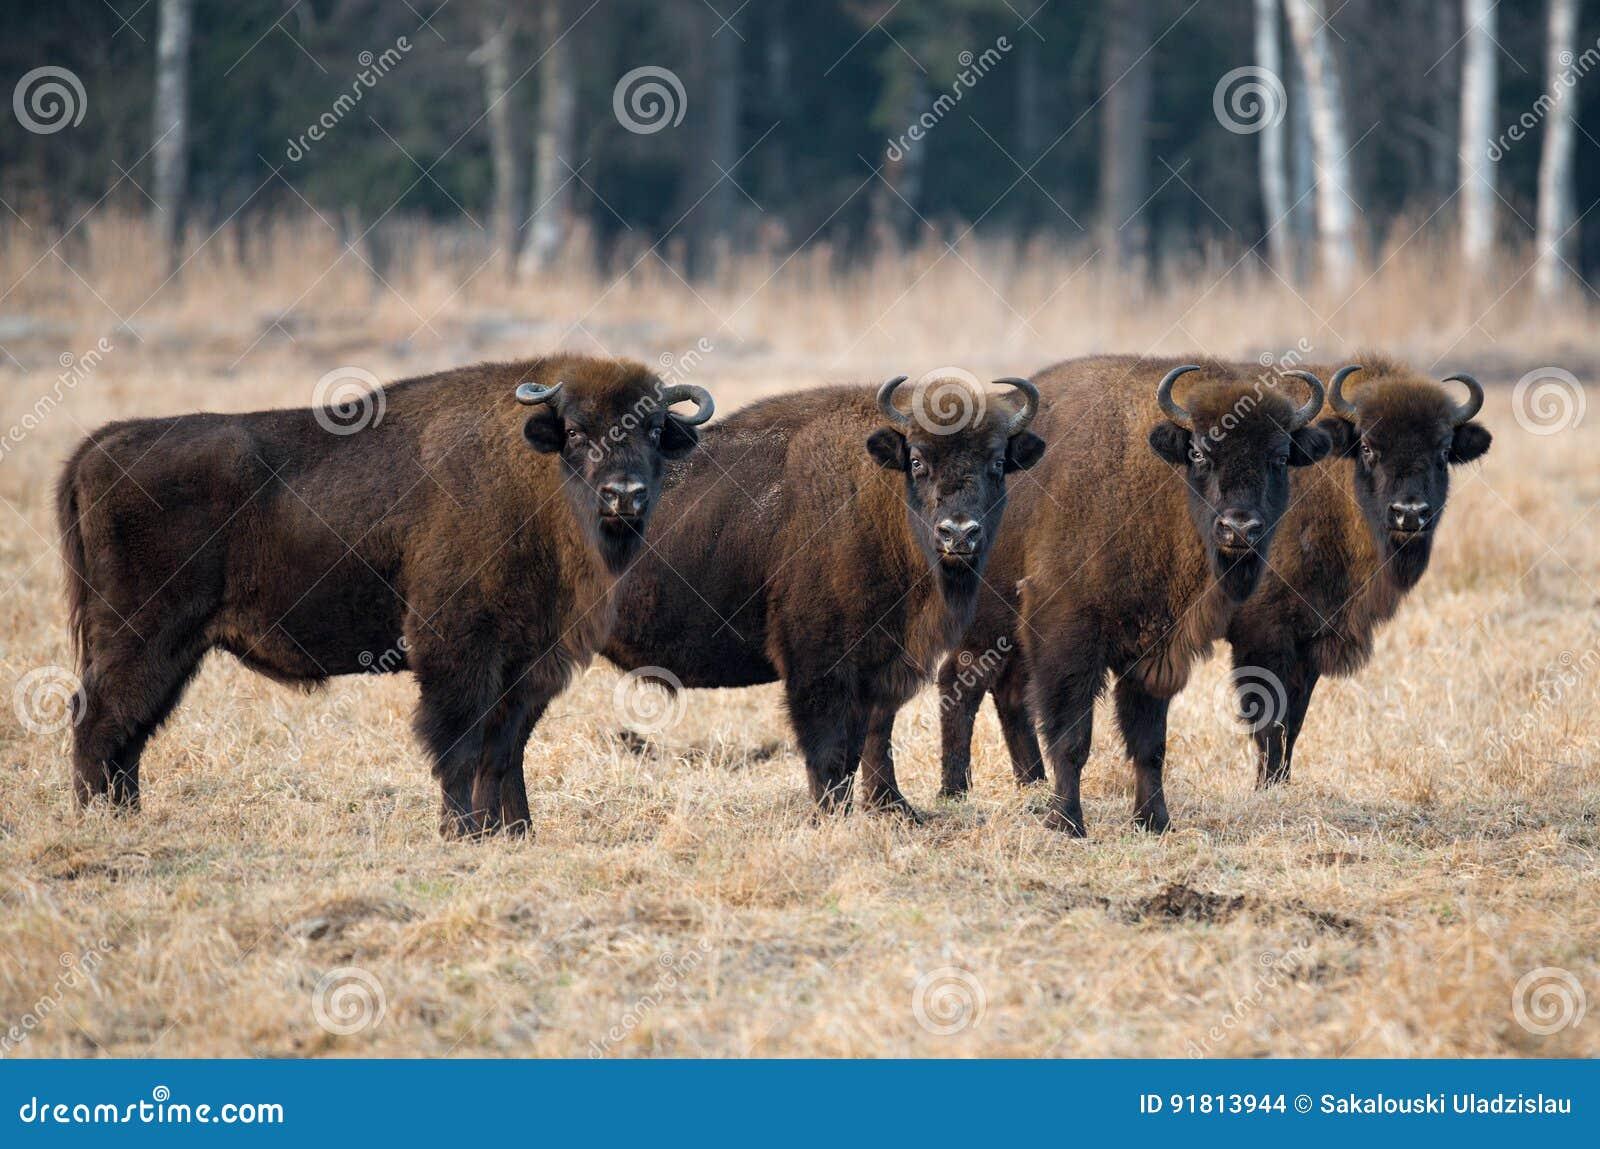 Mały stado stoi na polu w tle las wielki czerwony żubr z dużymi rogami